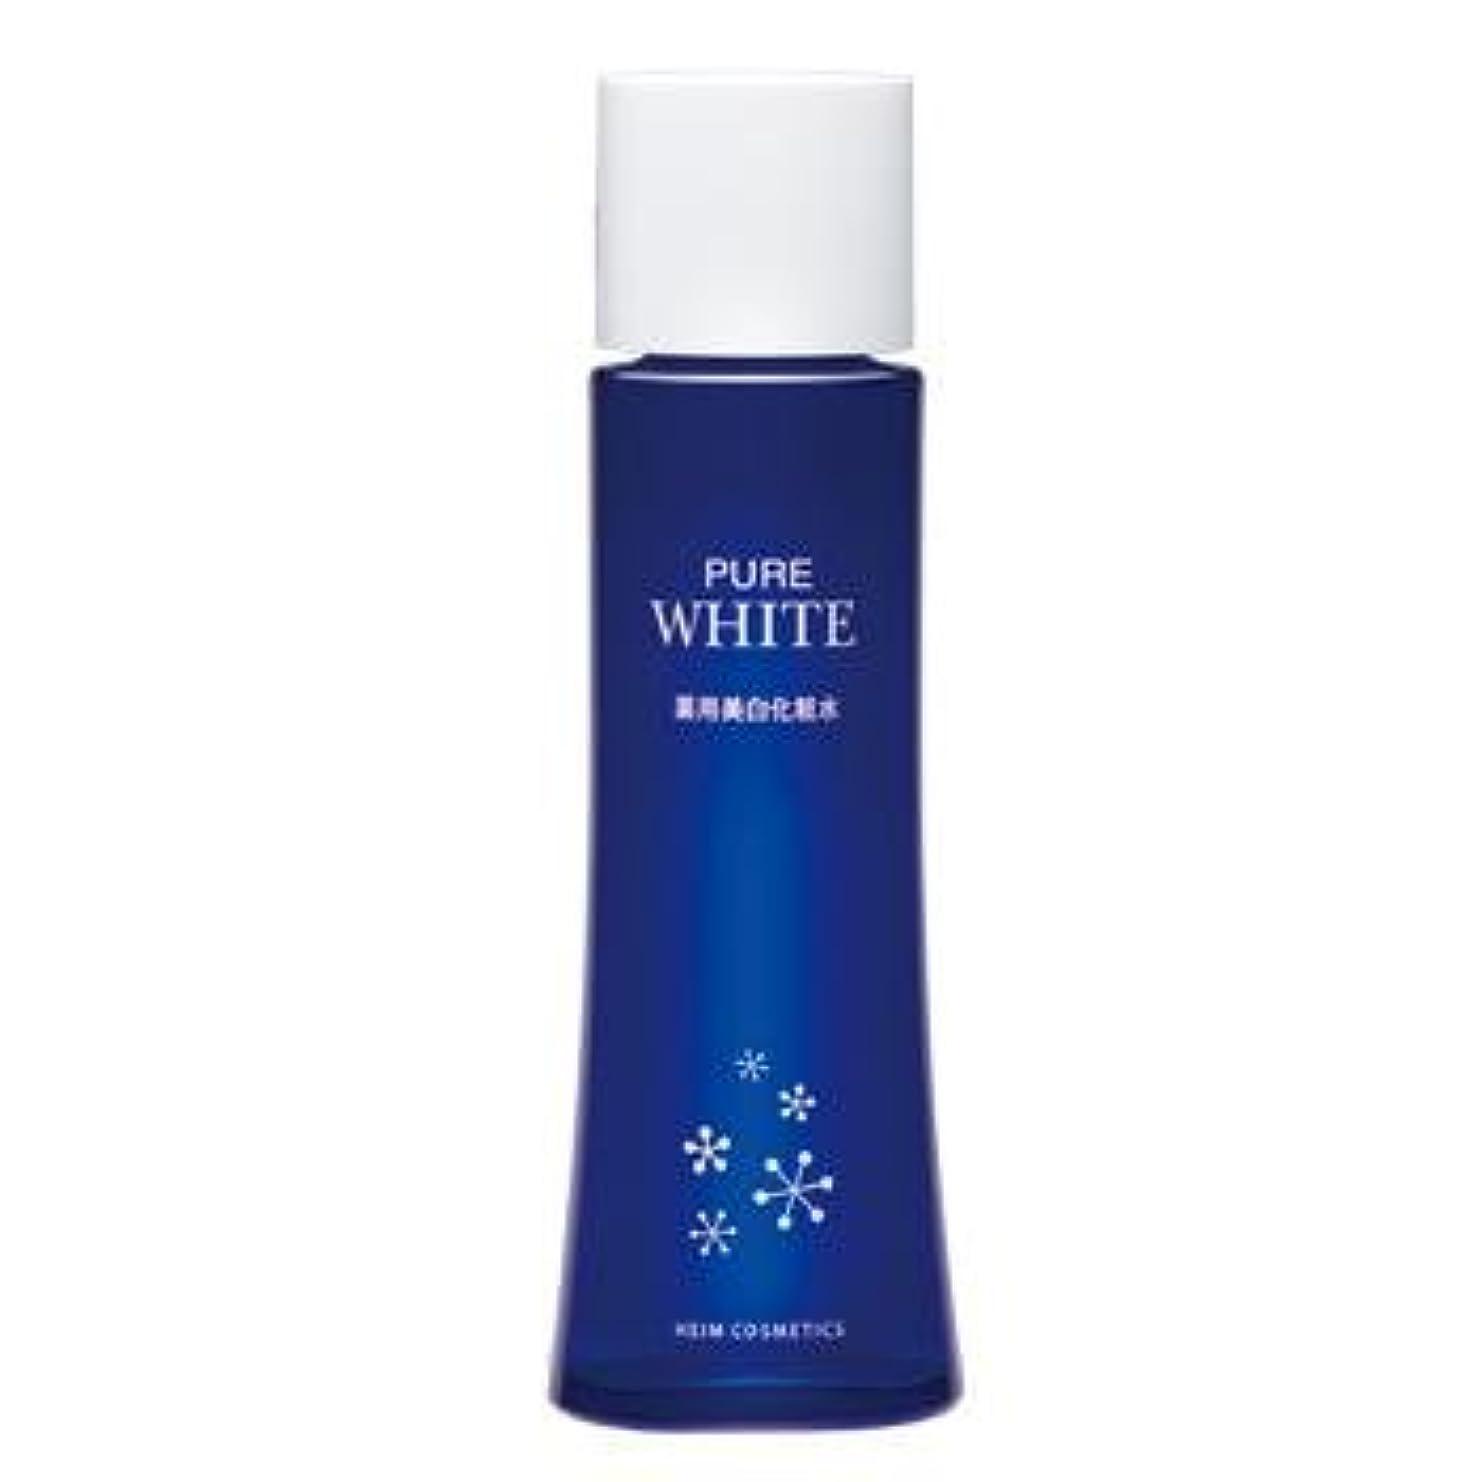 最初に吐く短くするハイム化粧品/薬用ピュアホワイト/化粧水(しっとり)【乾燥しやすい肌に美白とうるおいを】